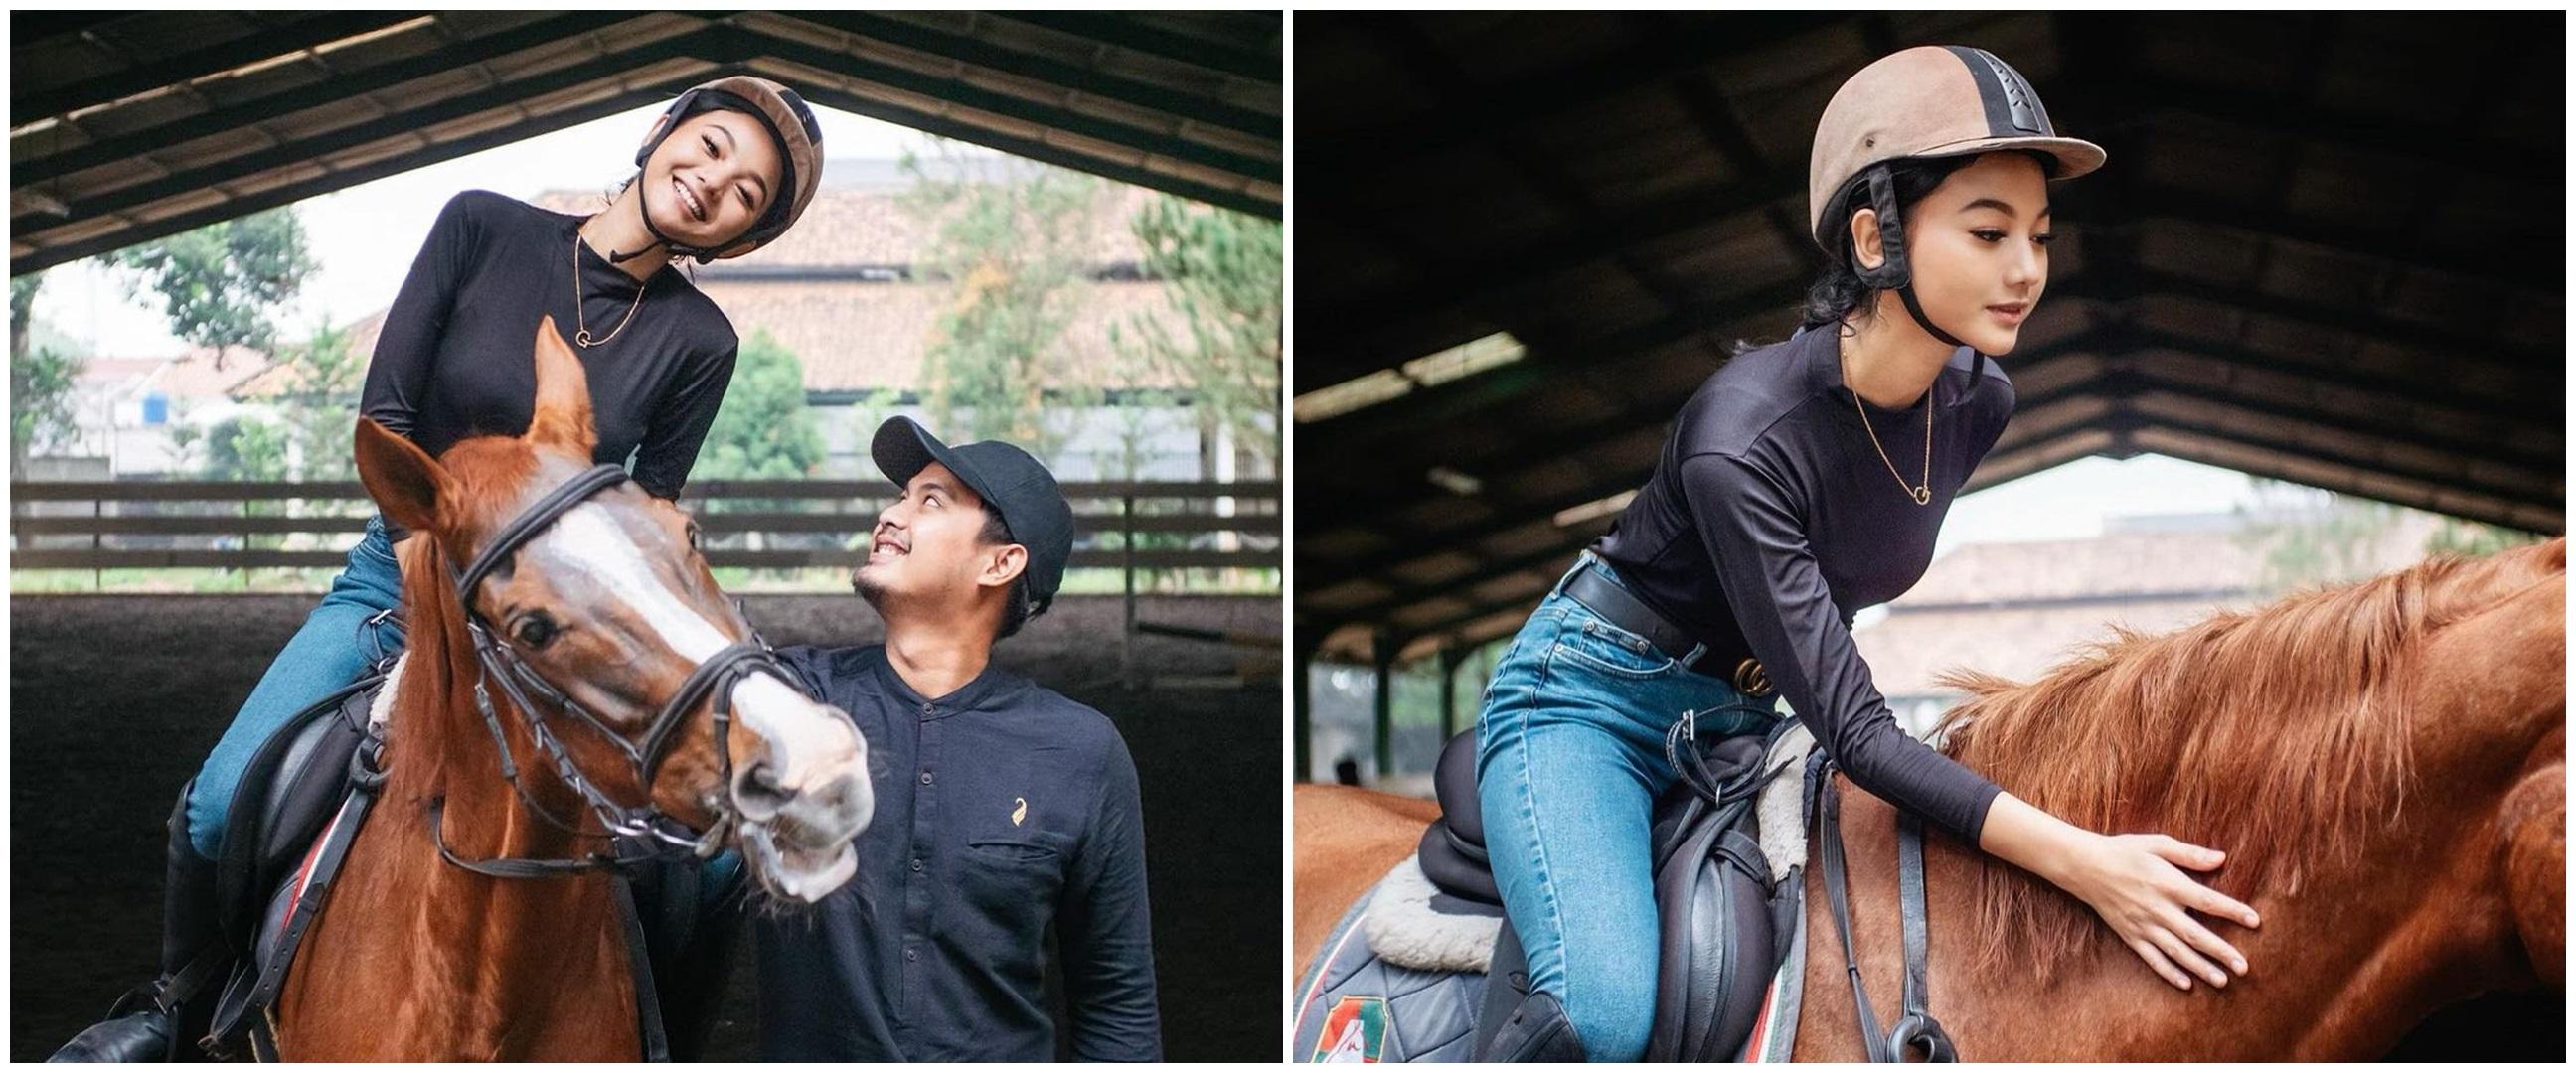 8 Momen Glenca Chysara saat olahraga berkuda, curi perhatian